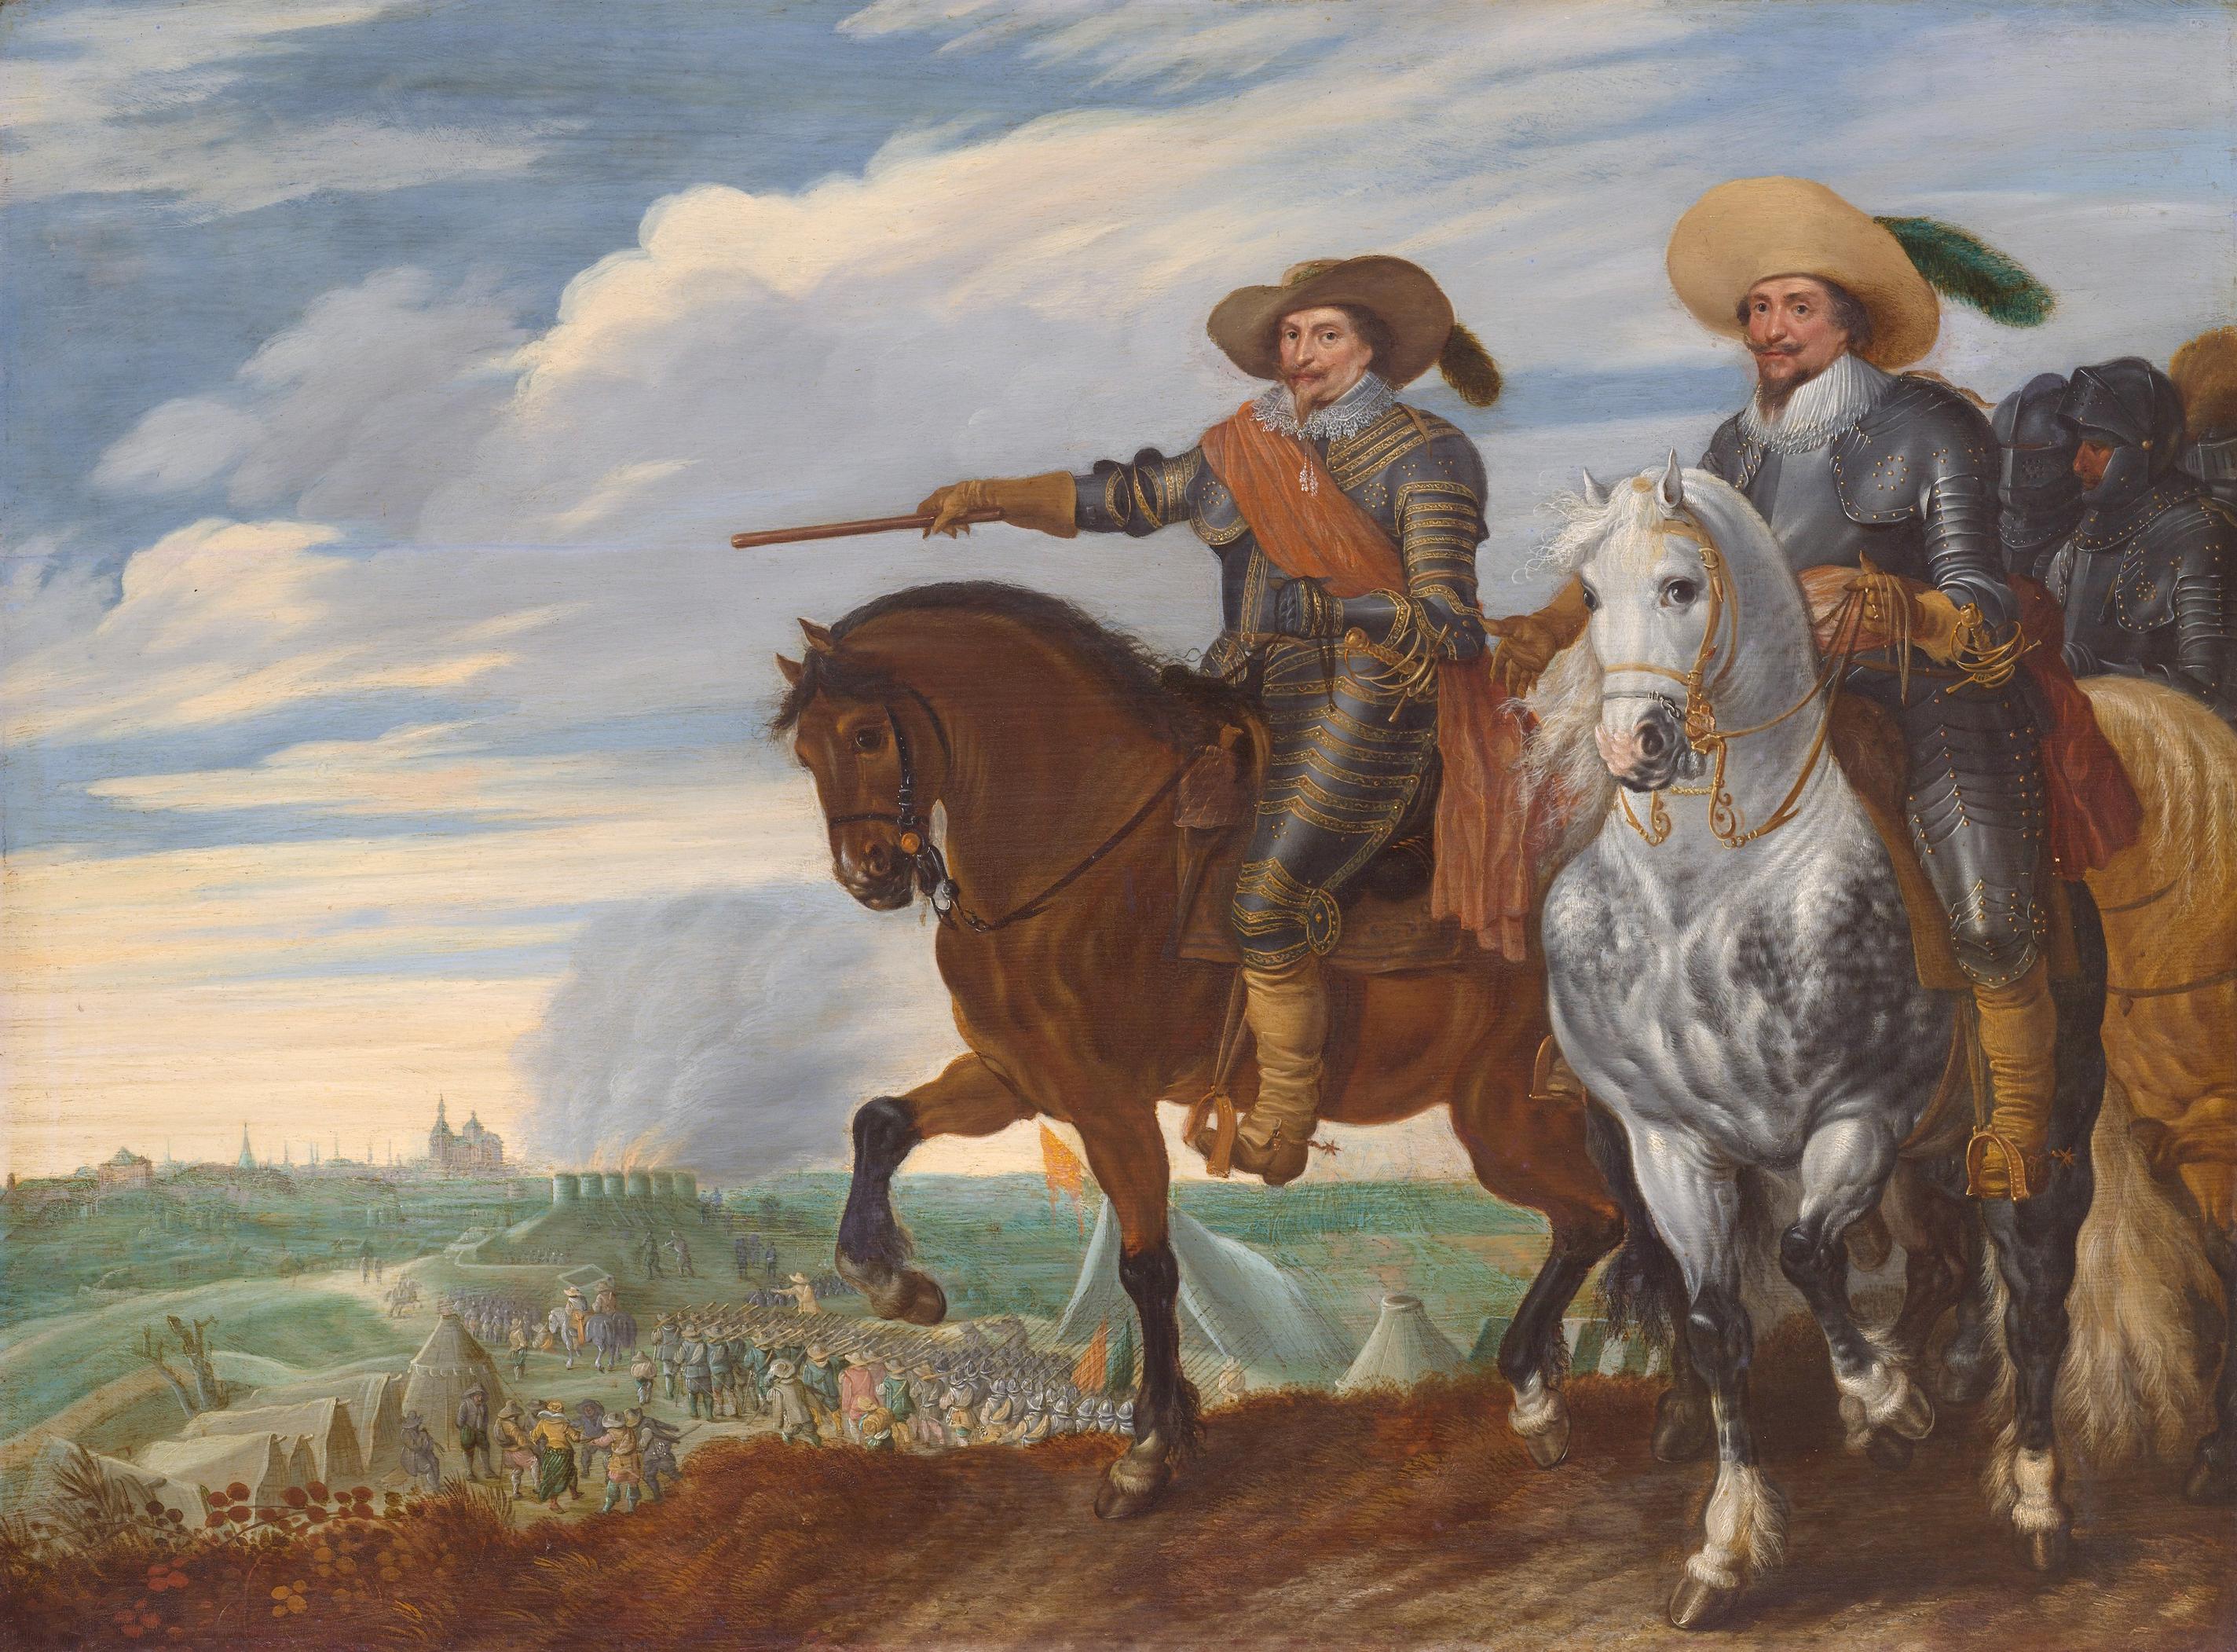 File:Prins Frederik Hendrik en graaf Ernst Casimir bij het beleg van 's-